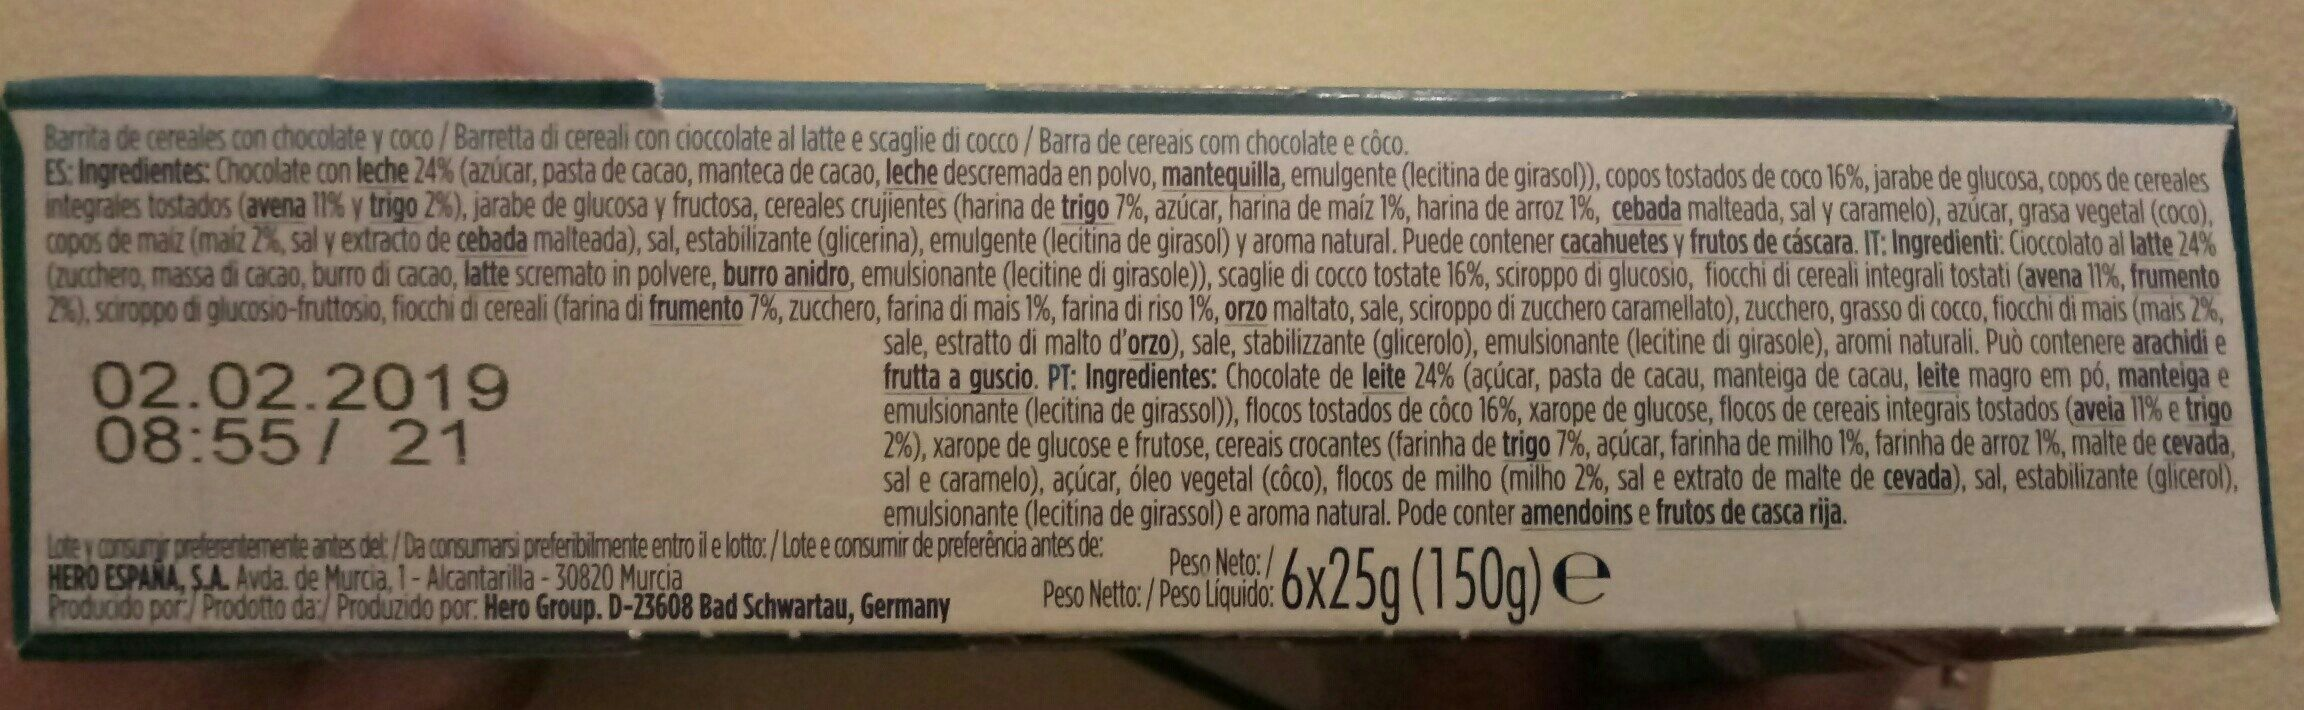 Muesly chocolate y coco - Ingredients - fr